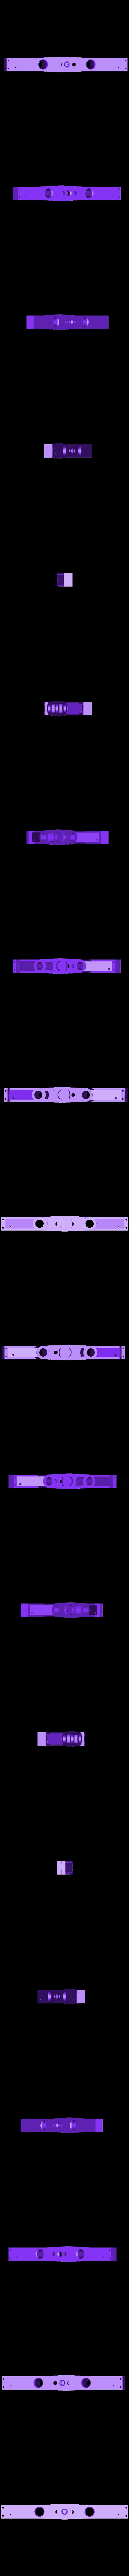 10mm_extra_and_12mm_rail.stl Télécharger fichier STL gratuit Système de support de lit TronXY X5S & SA • Design imprimable en 3D, Exerqtor